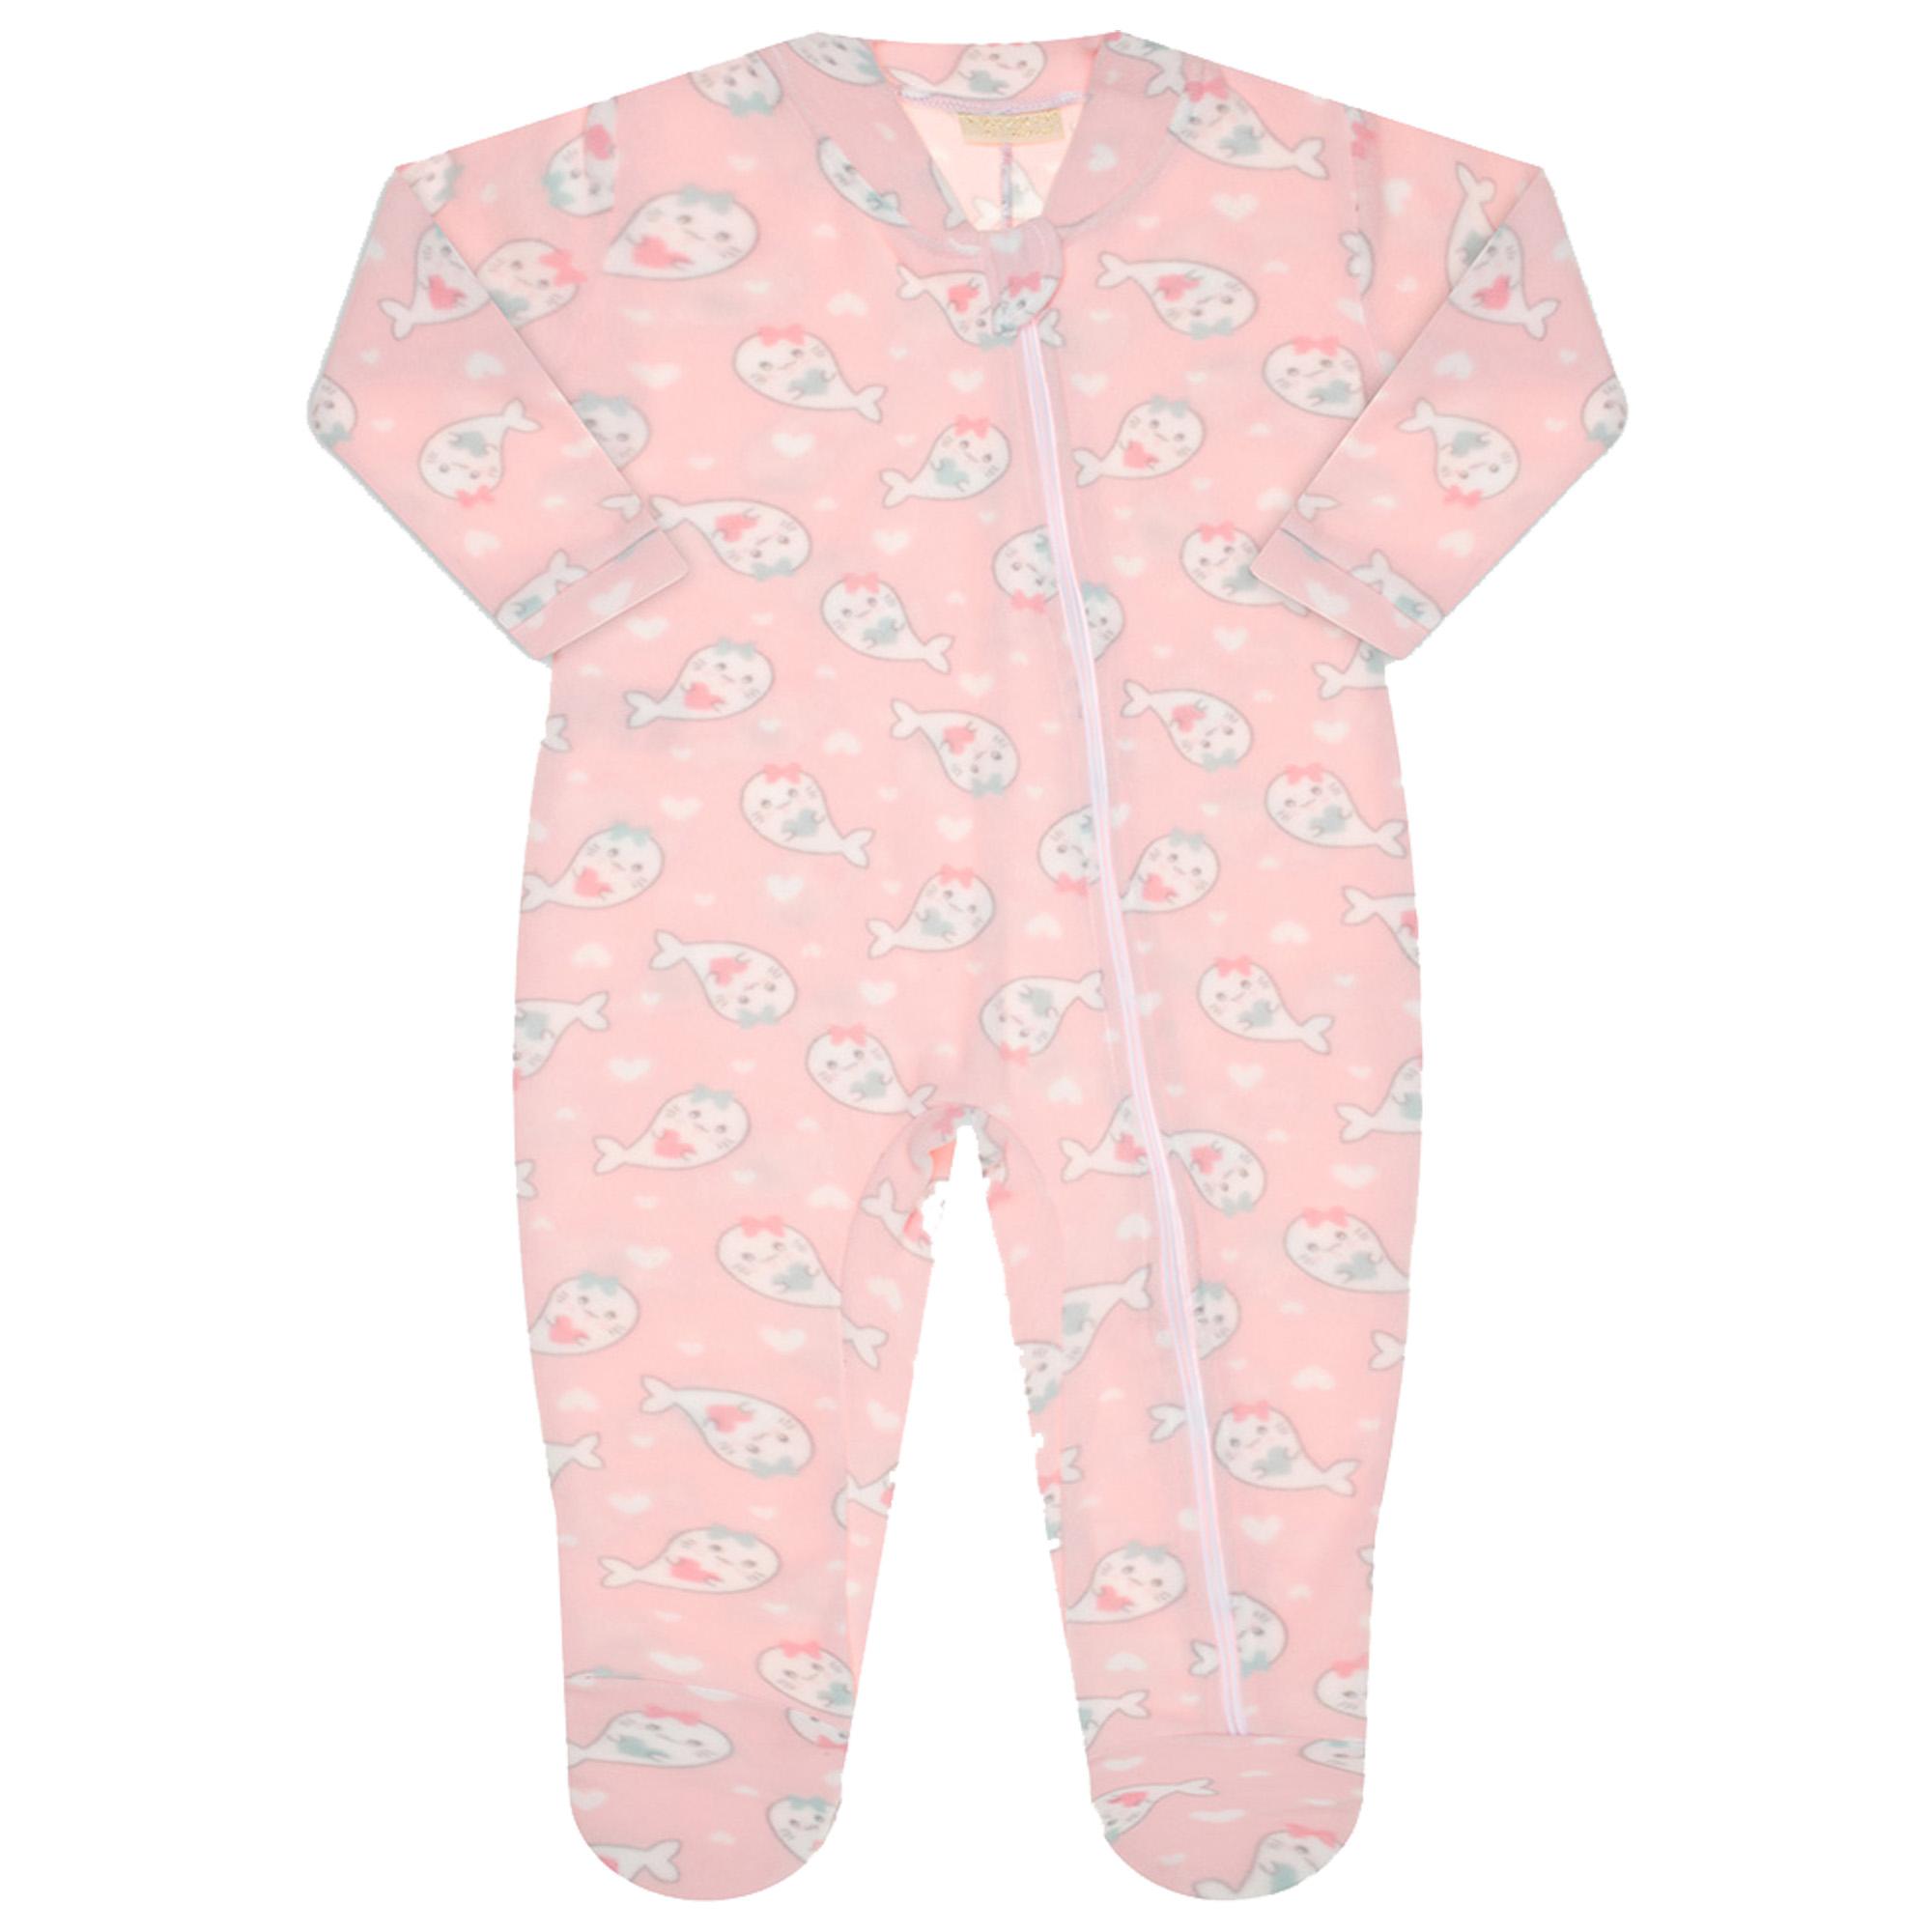 Macacão Pijama Inverno Vrasalon Soft Baleinhas - P ao G